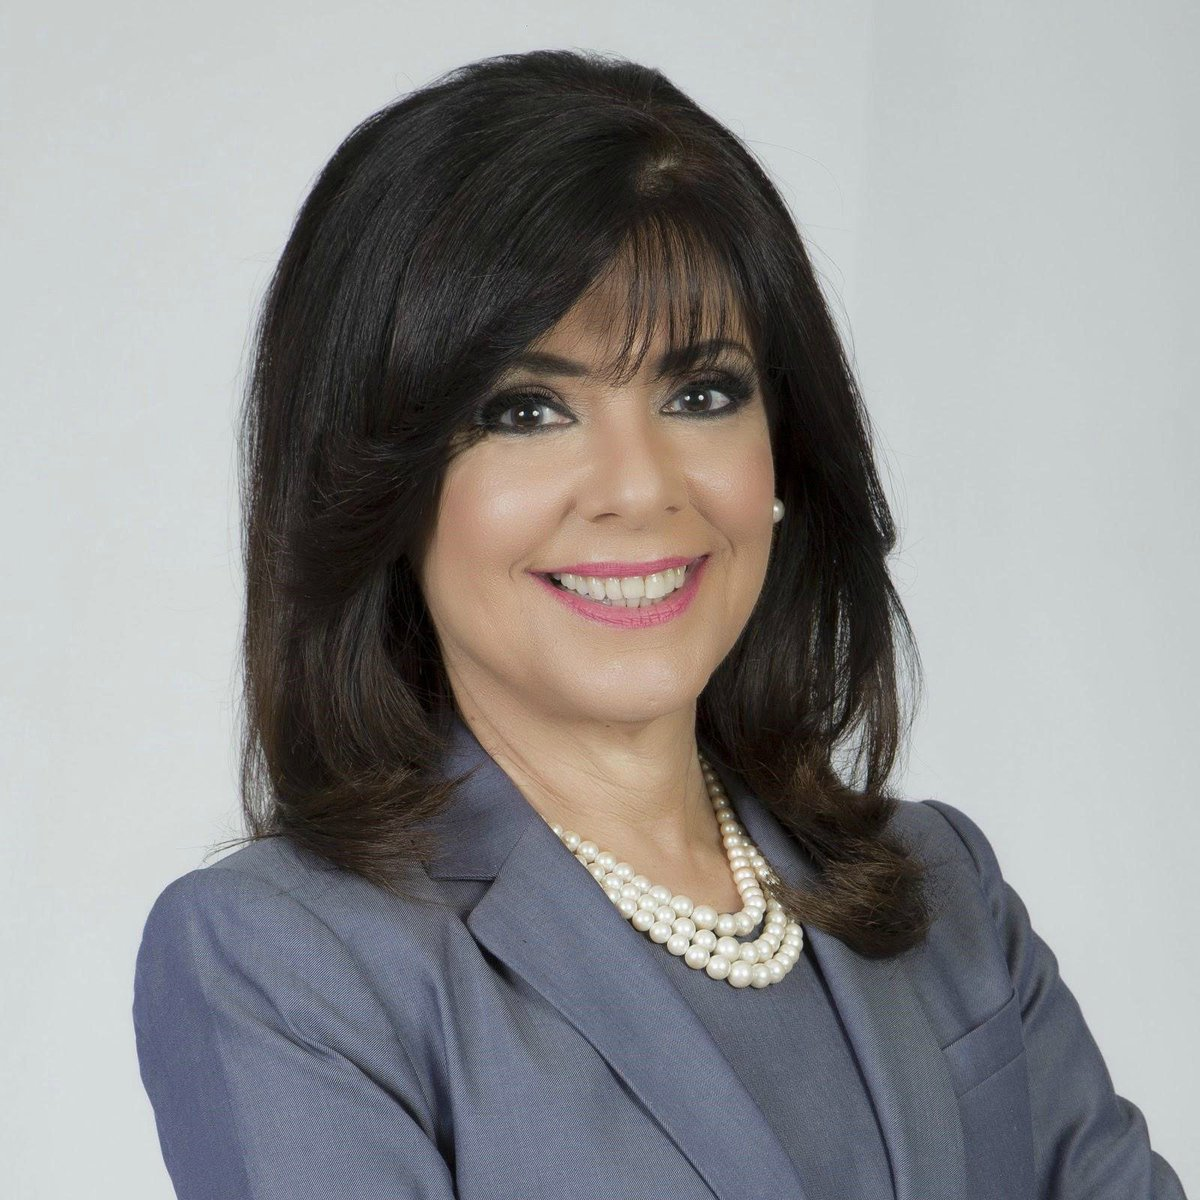 Maria Harper